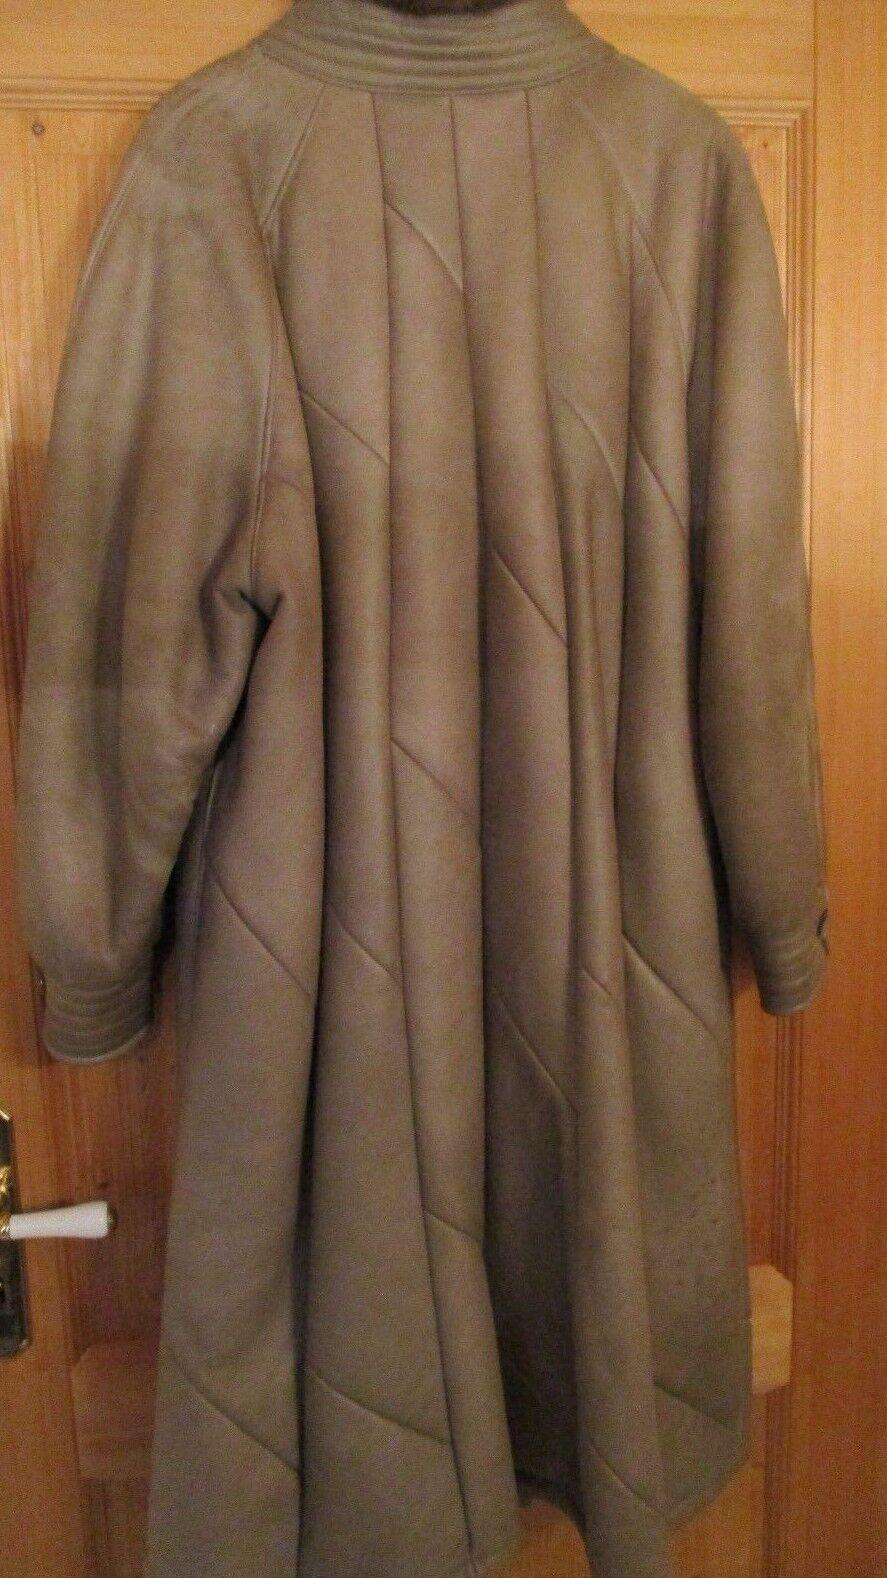 396f7e237b90dc Eleganter warmer Ledermantel mit Lammfell grau 44 gewachsenem 42  npyfhv2142-neue Kleidung